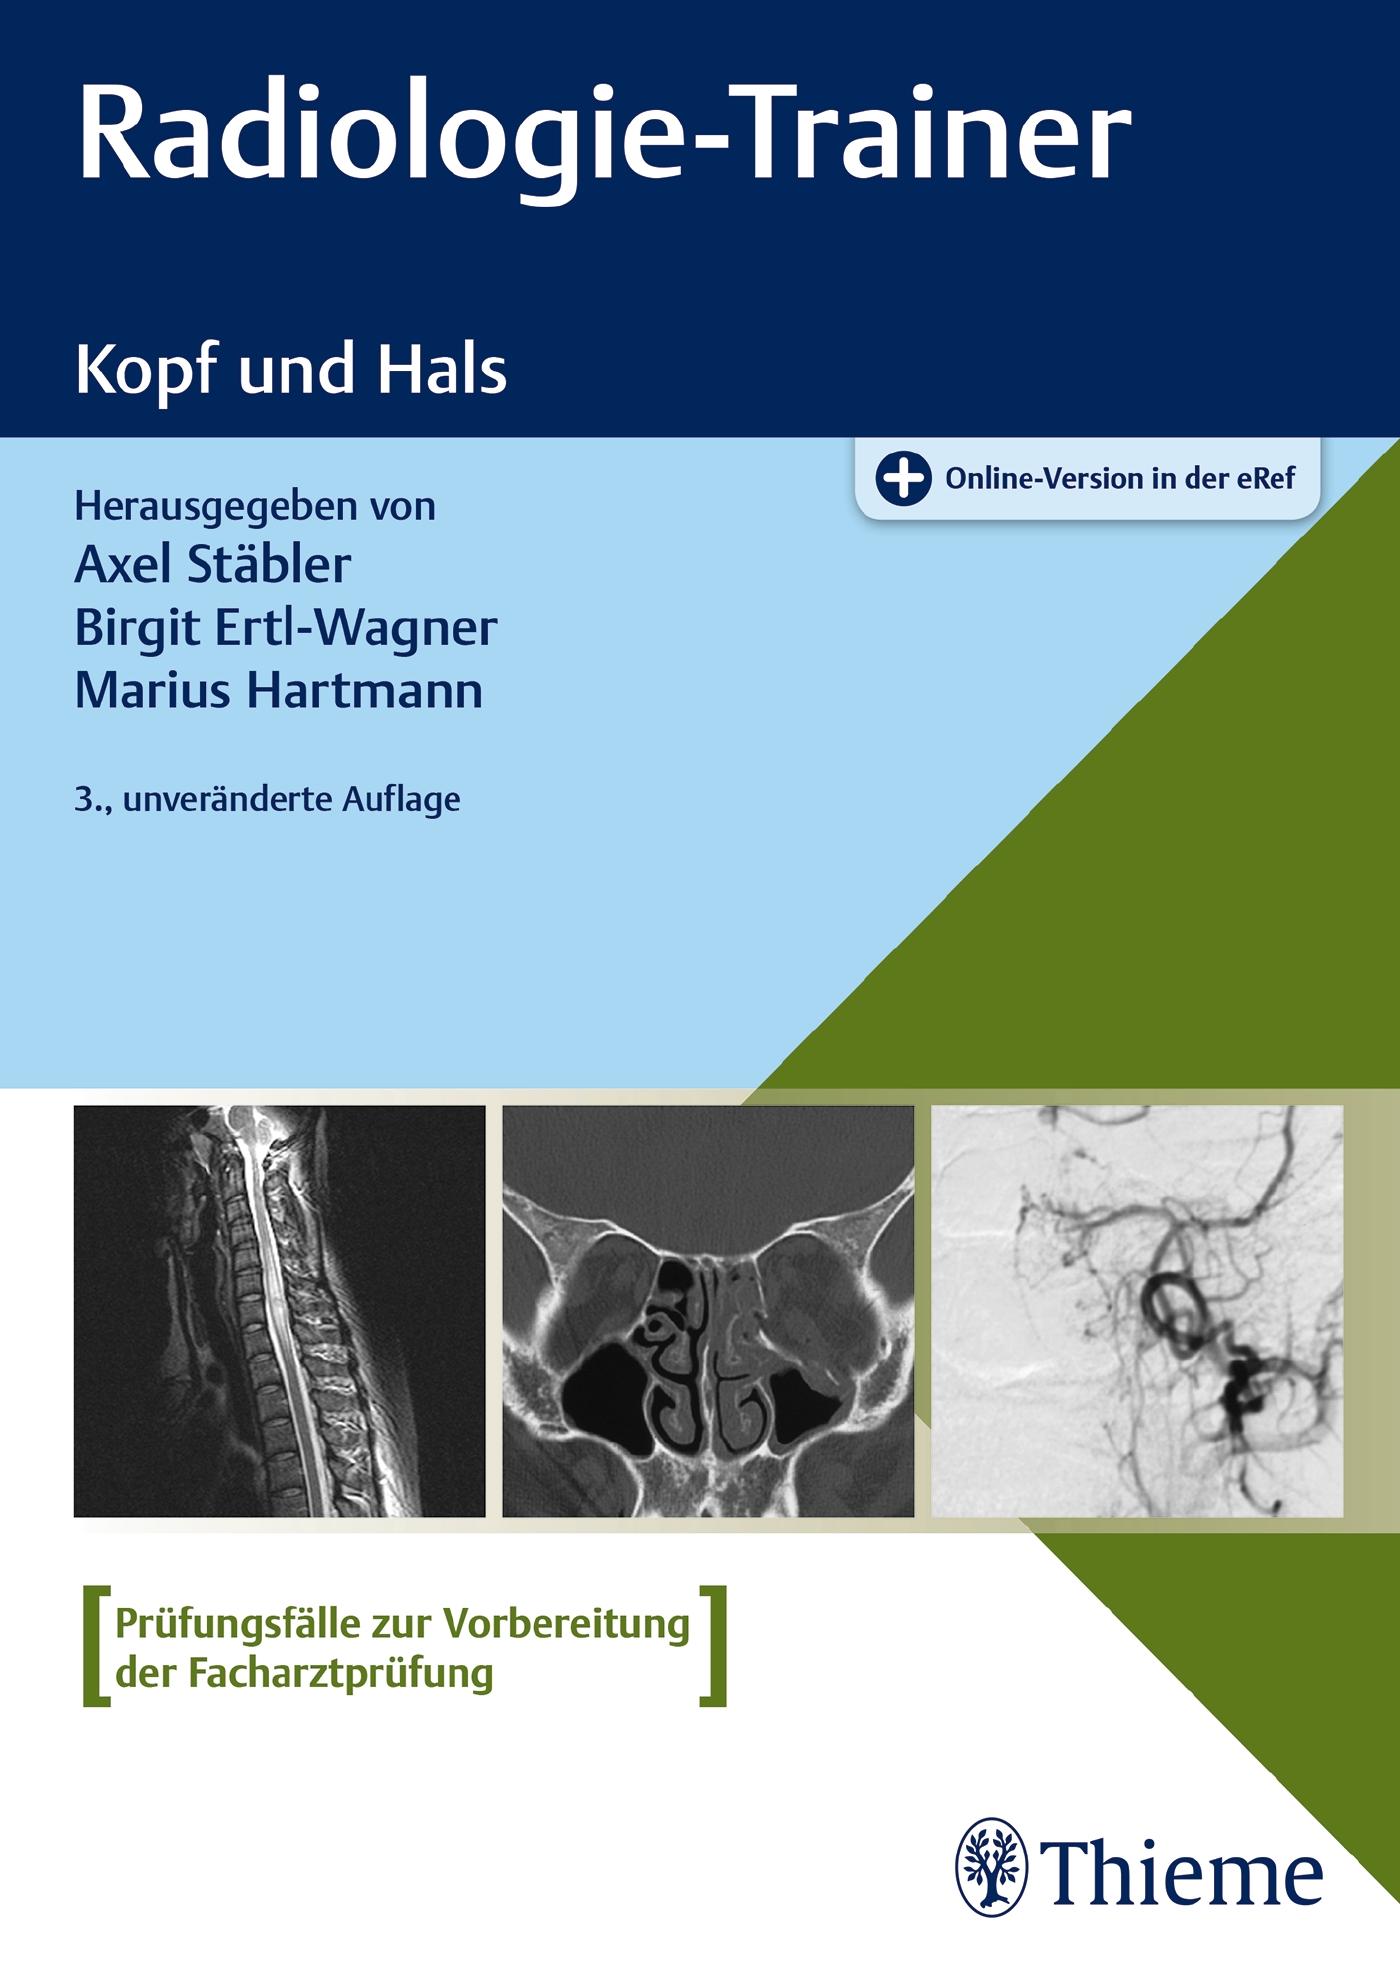 Radiologie-Trainer Kopf und Hals